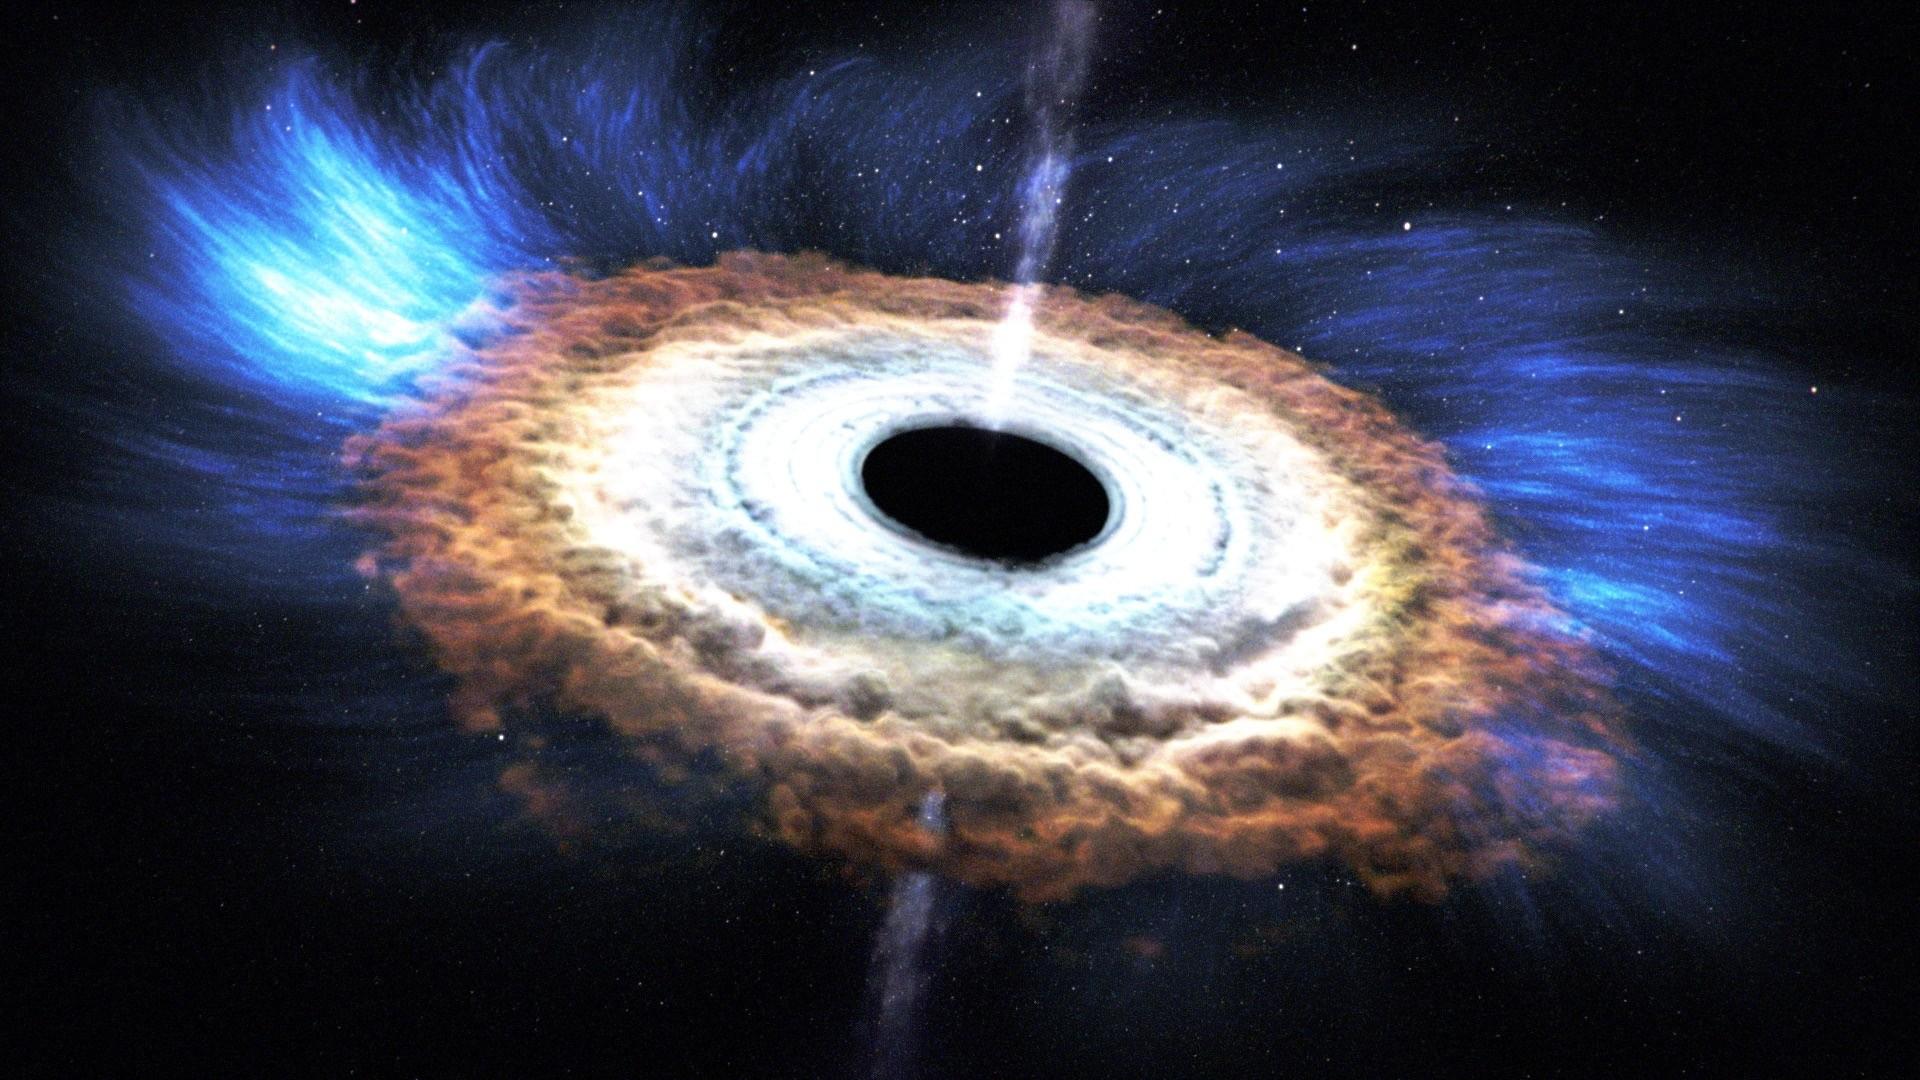 Representação da Nasa de um buraco negro (Foto: Nasa)